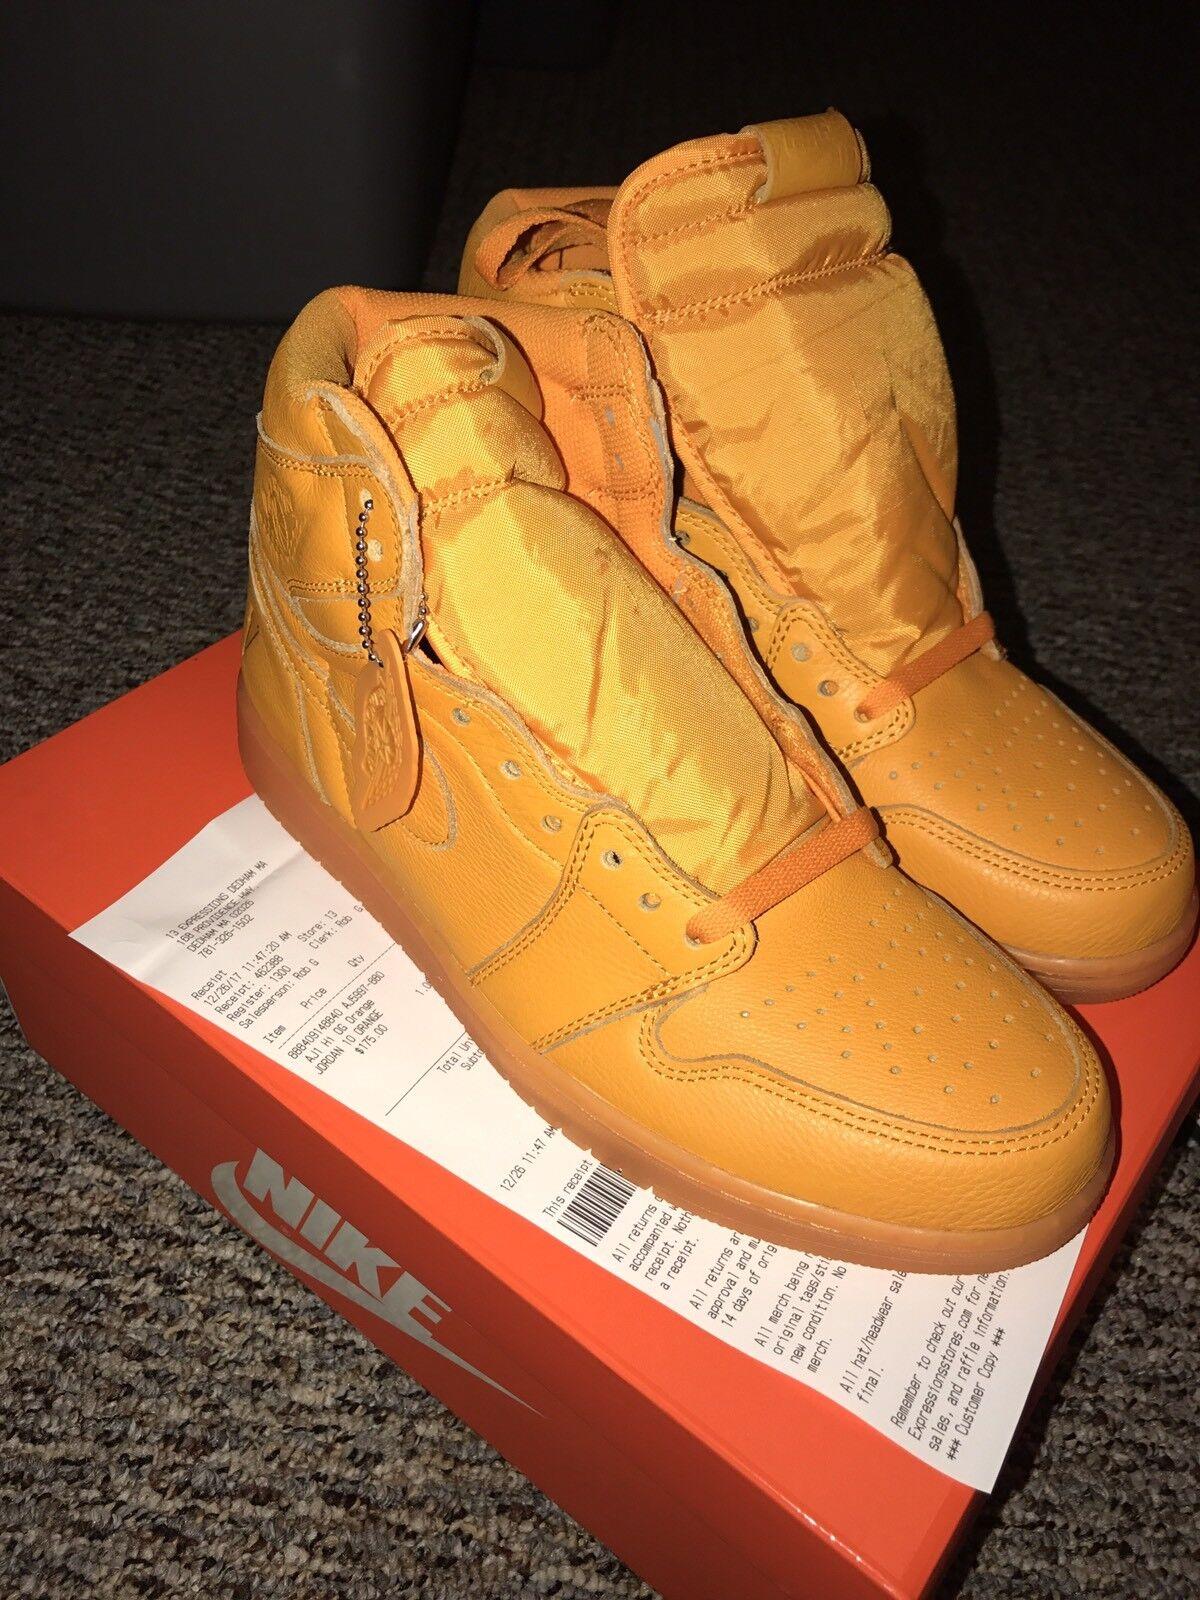 Air High Jordan Retro 1 OG High Air Gatorade Like Mike Orange Peel AJ5997-880 US Size 10 214351